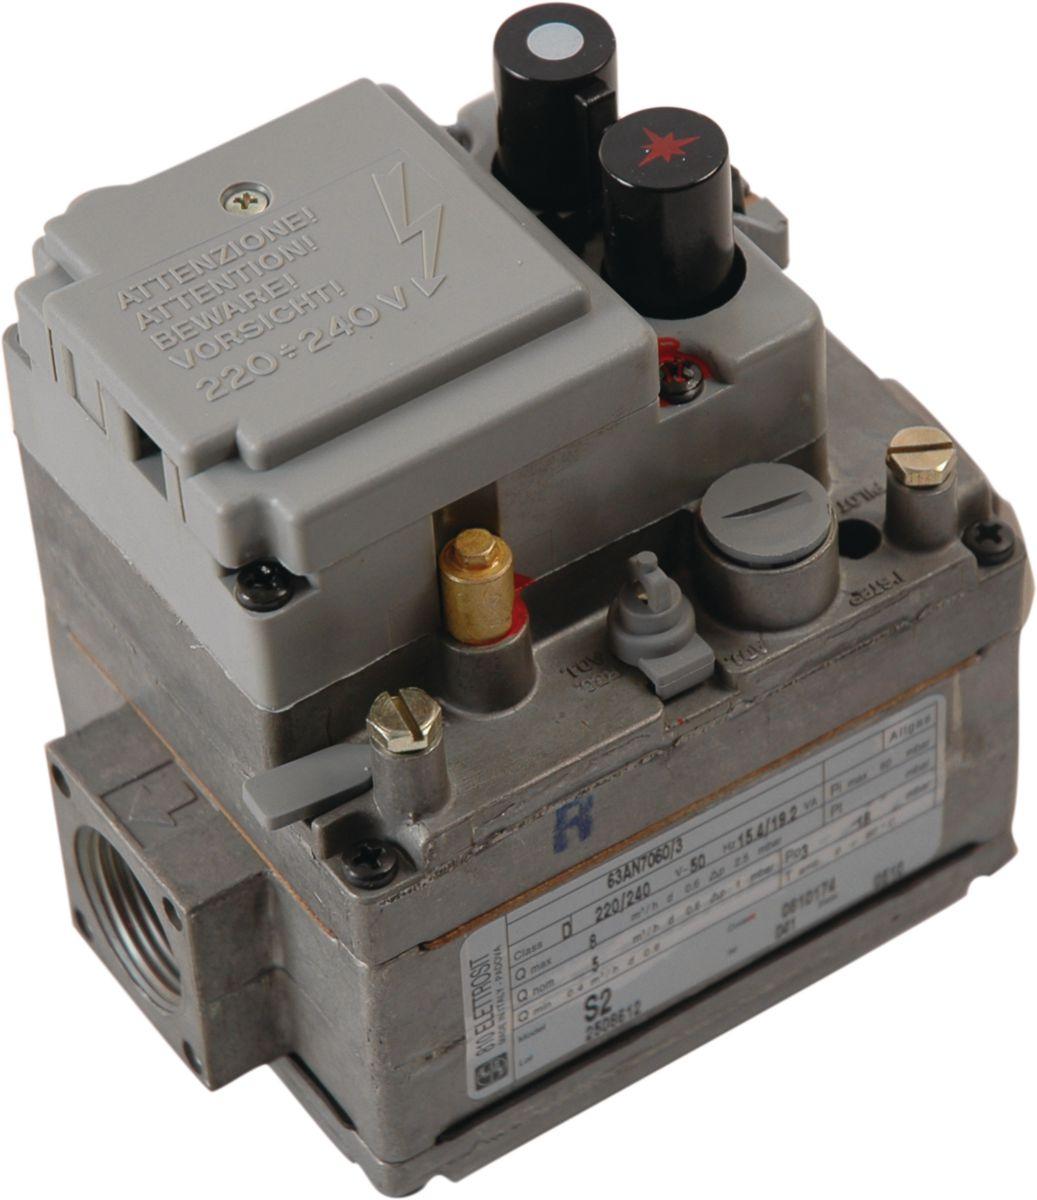 Bloc gaz régulation SIT 810.174 20x27 Bloc de régulation à 2 boutons de commande, 1régulateur, 1 électrovanne. Réf. 810174